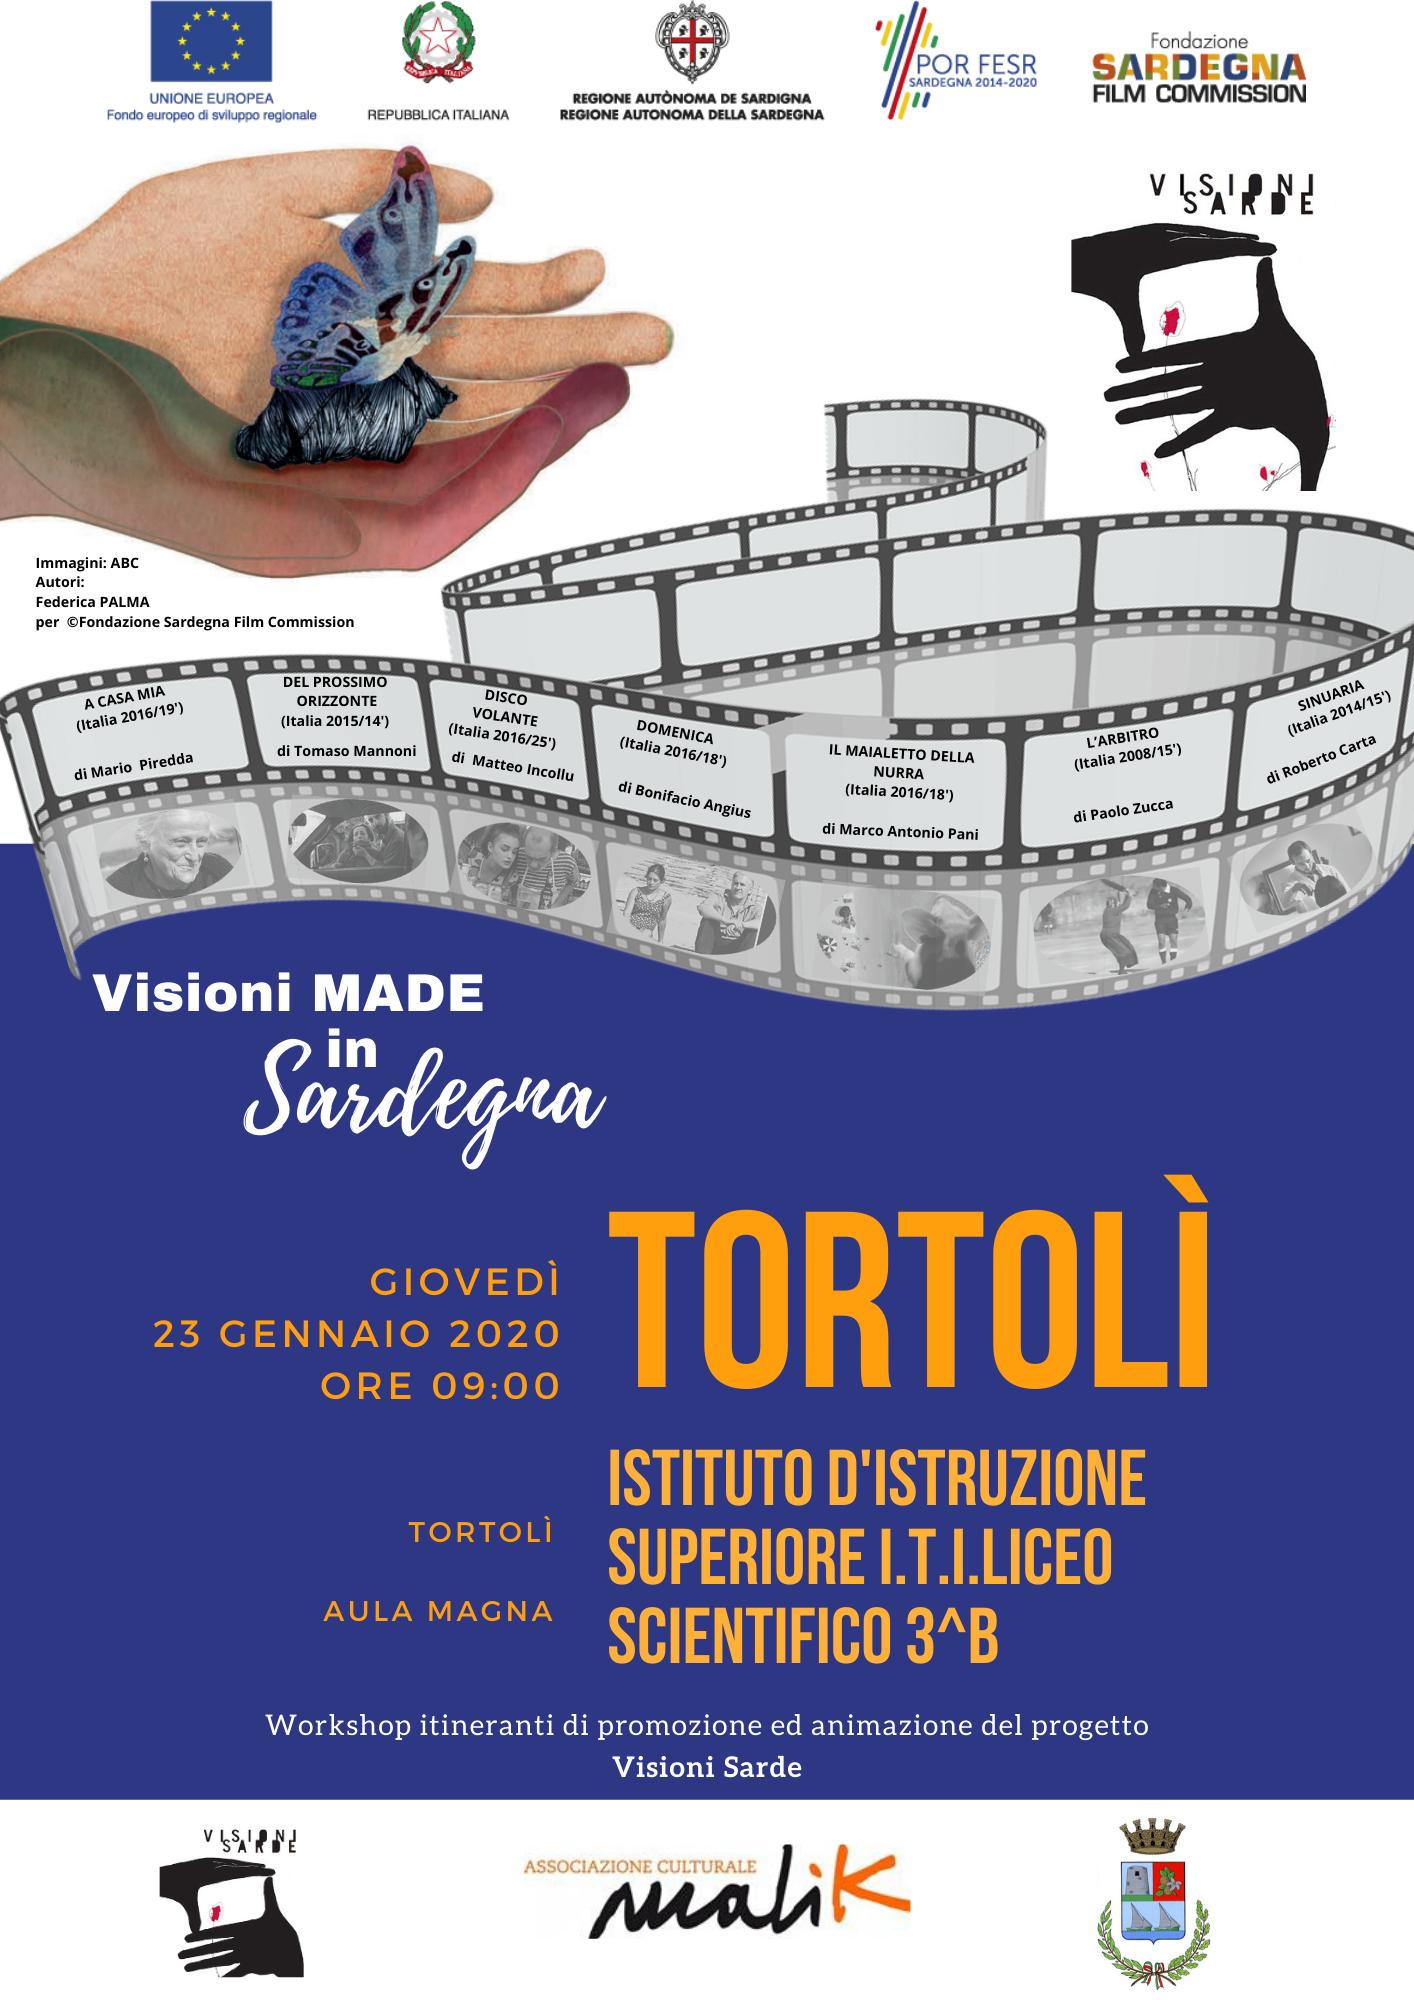 tortoli-a4